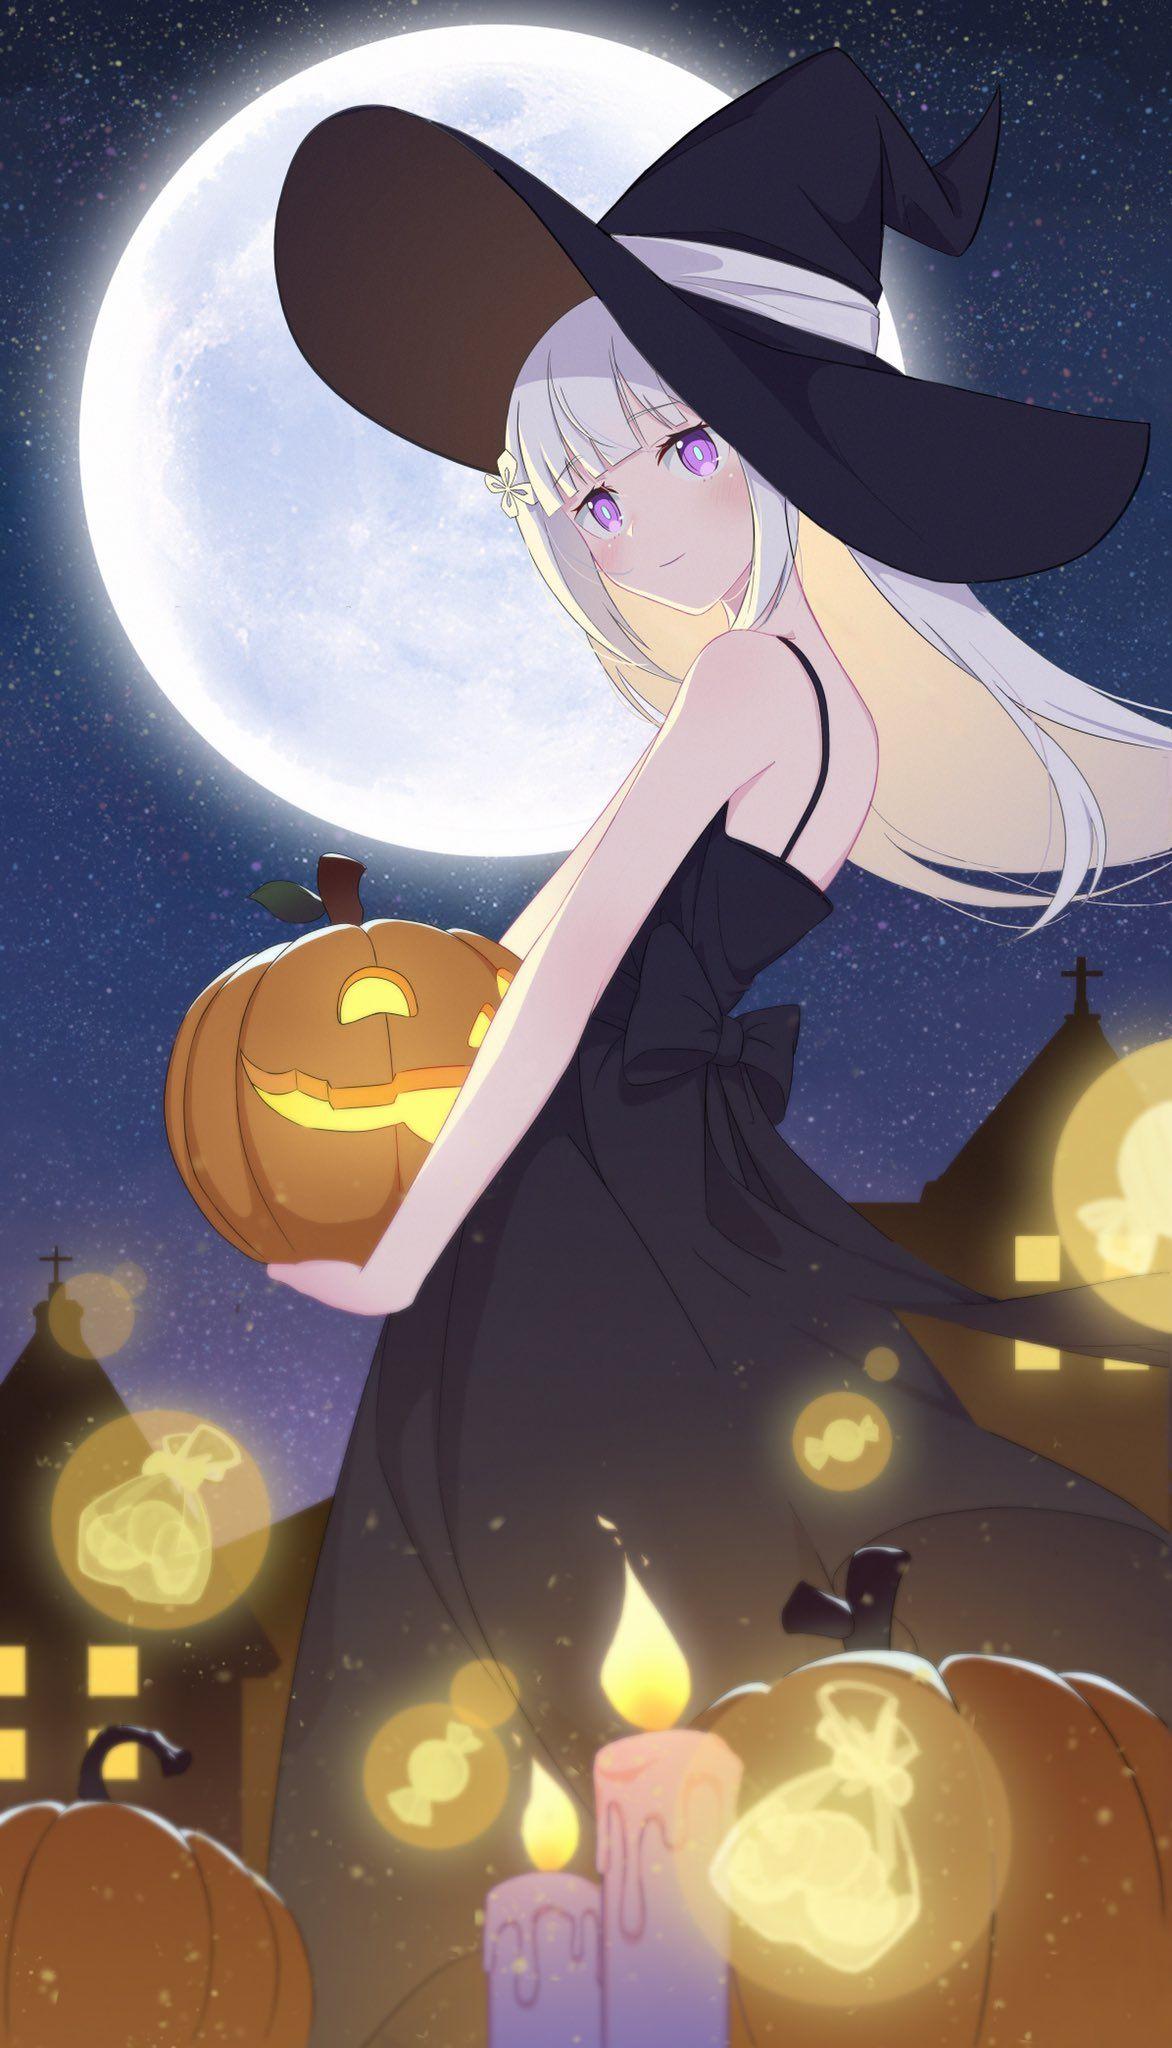 Dailyemilia On Twitter In 2021 Anime Halloween Anime Halloween Anime Halloween anime wallpaper hd